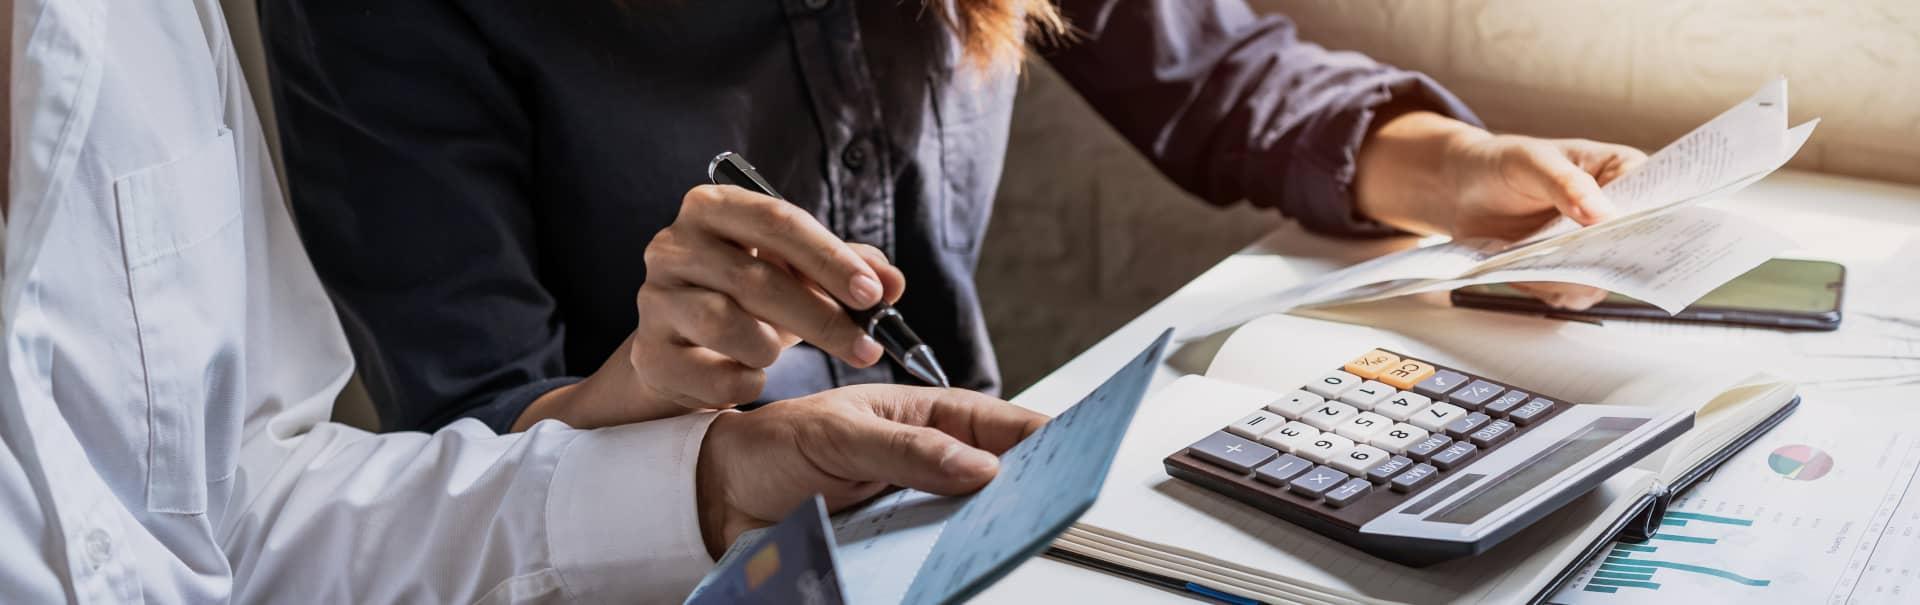 Nach BGH-Urteil: So erhalten Sie Ihre zu viel gezahlten Bankgebühren zurück